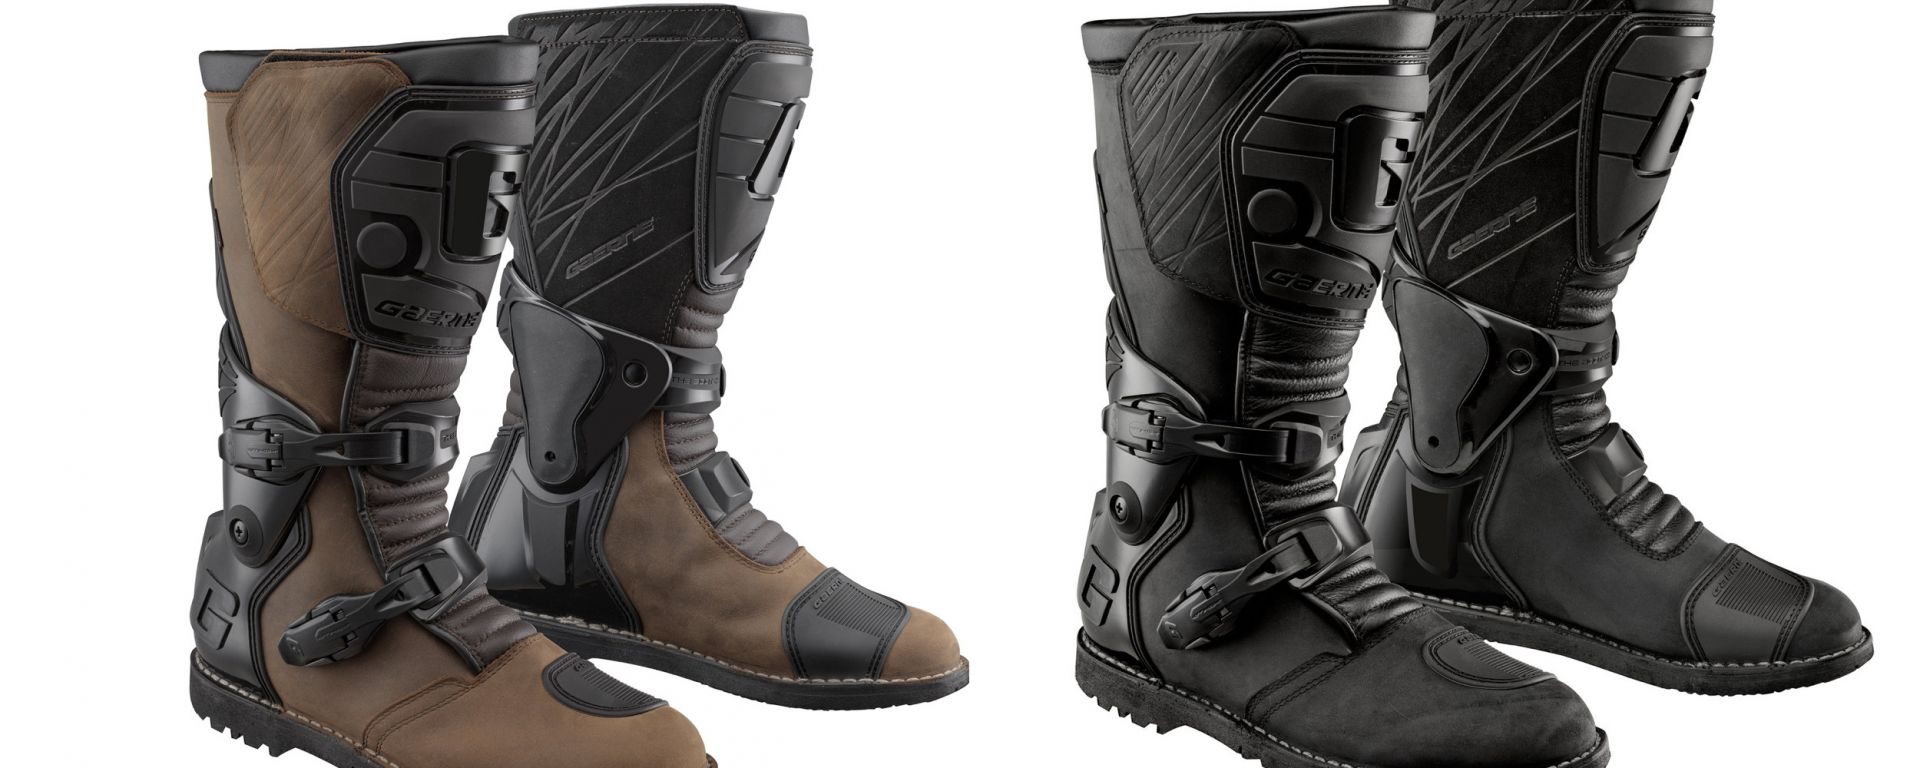 Gli stivali Gaerne G.Dakar Goretex nelle due colorazioni